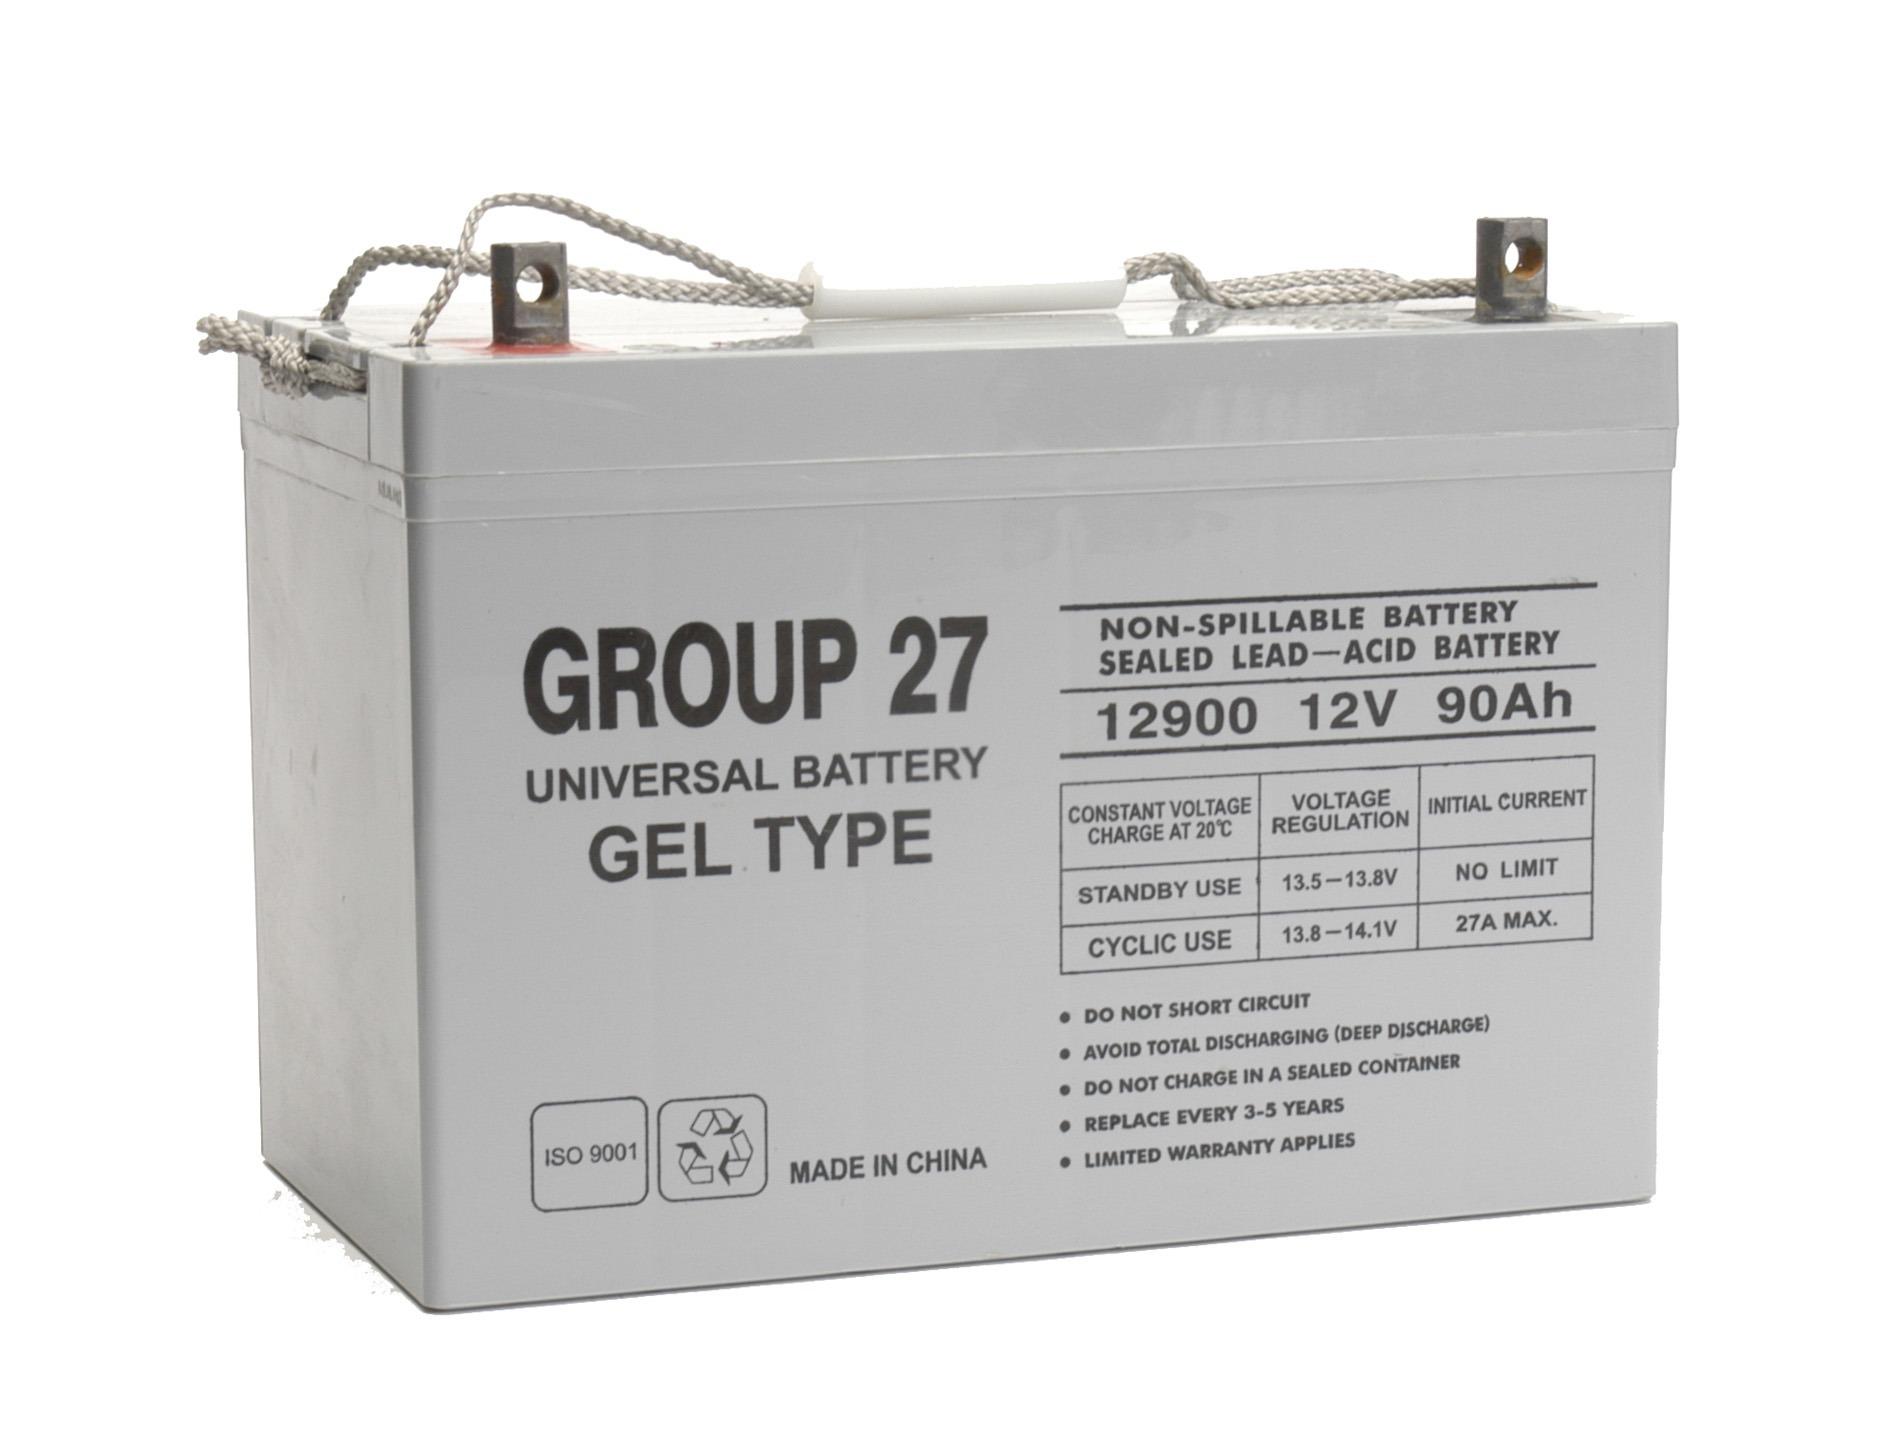 UB12900 (Group 27) 12v 90ah Gel Battery for 21st Century Bounder Wheelchair